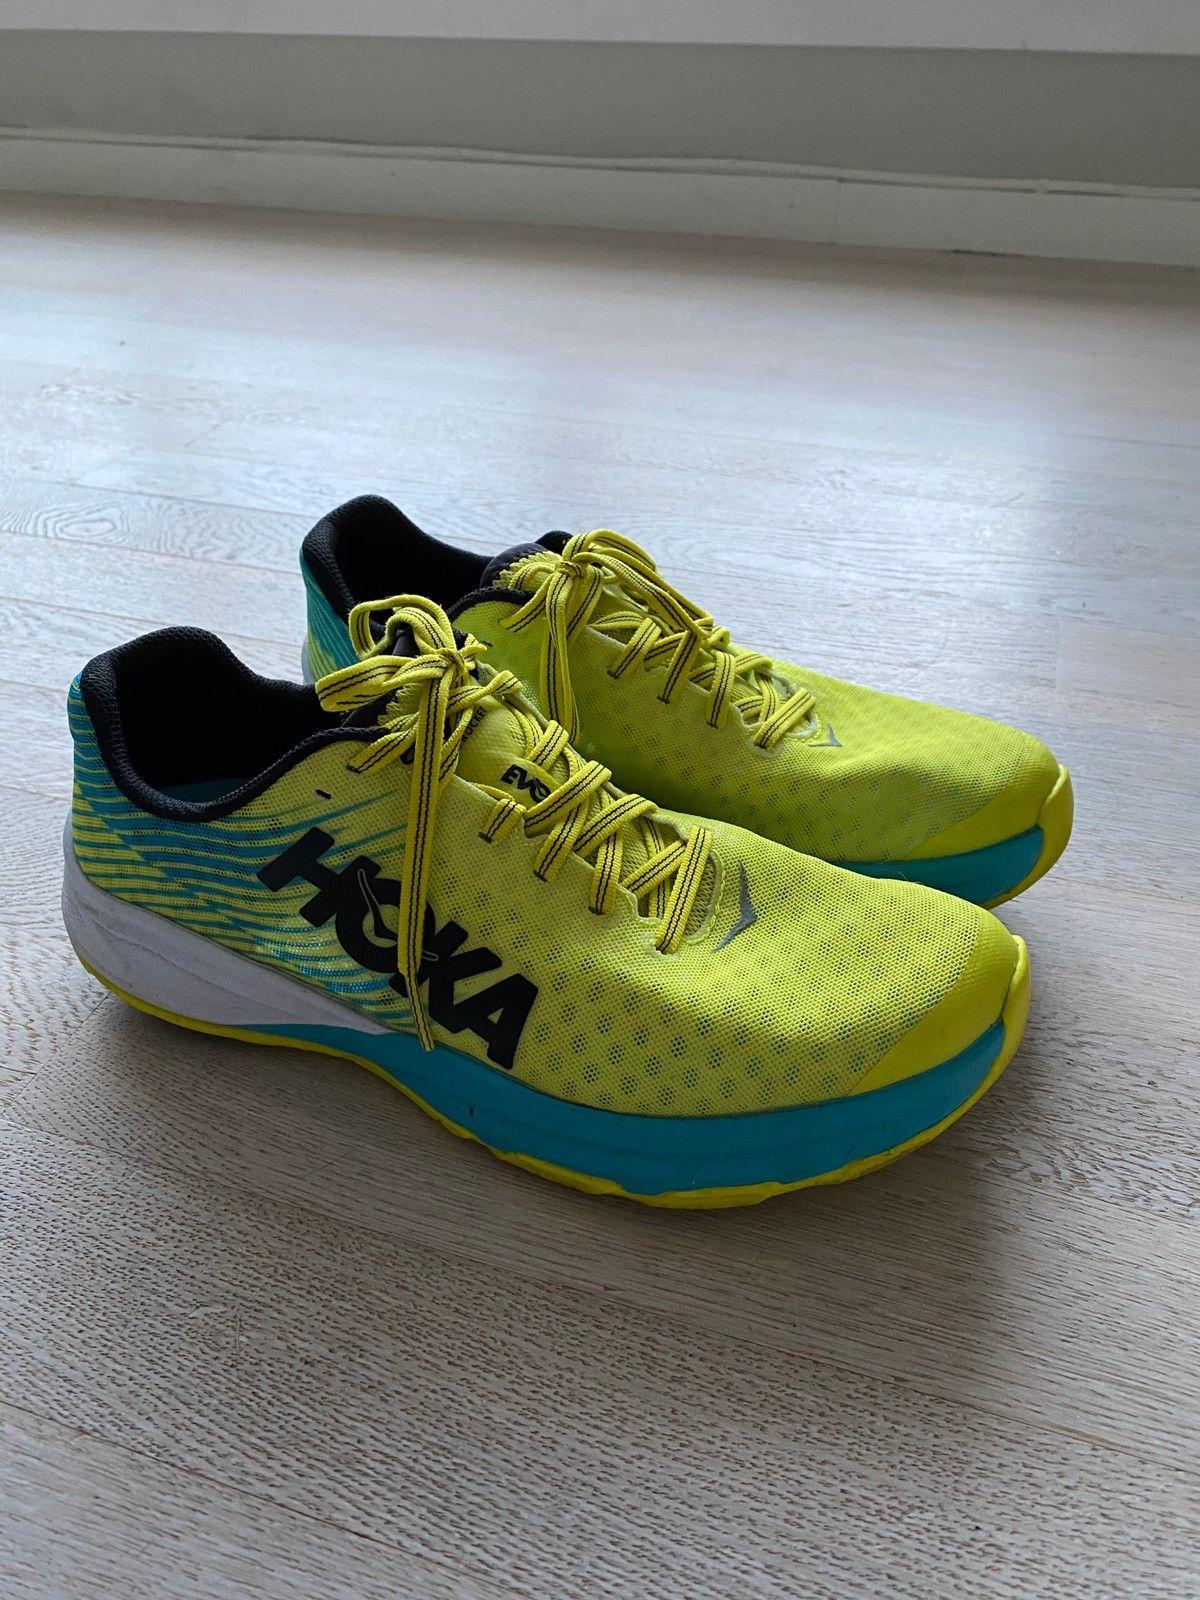 Nesten nye joggesko Kjøpe, selge og utveksle annonser de